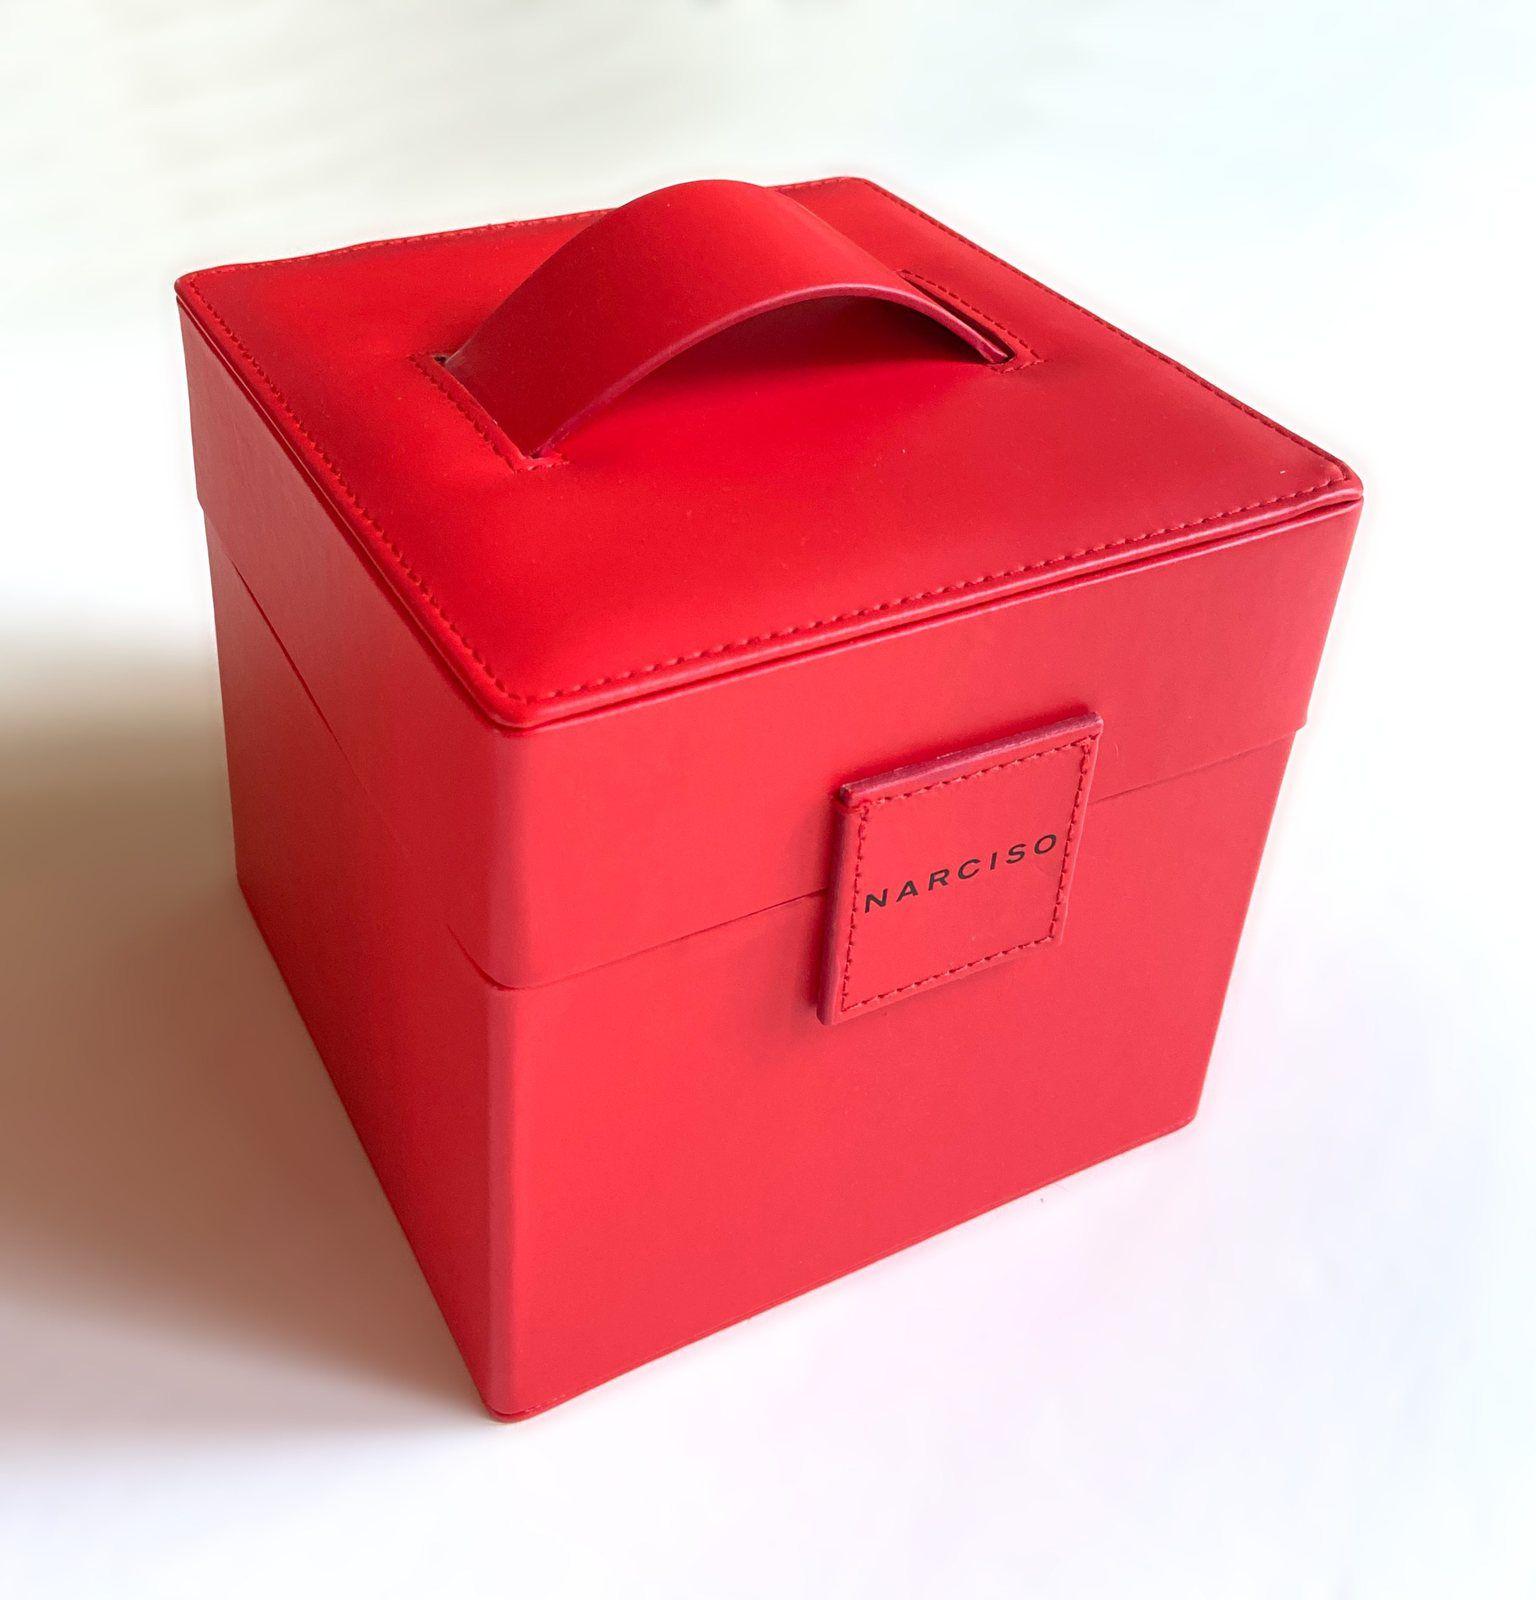 Coffret boite à bijoux vanity carré Narciso Rodriguez rouge coquelicot neuf